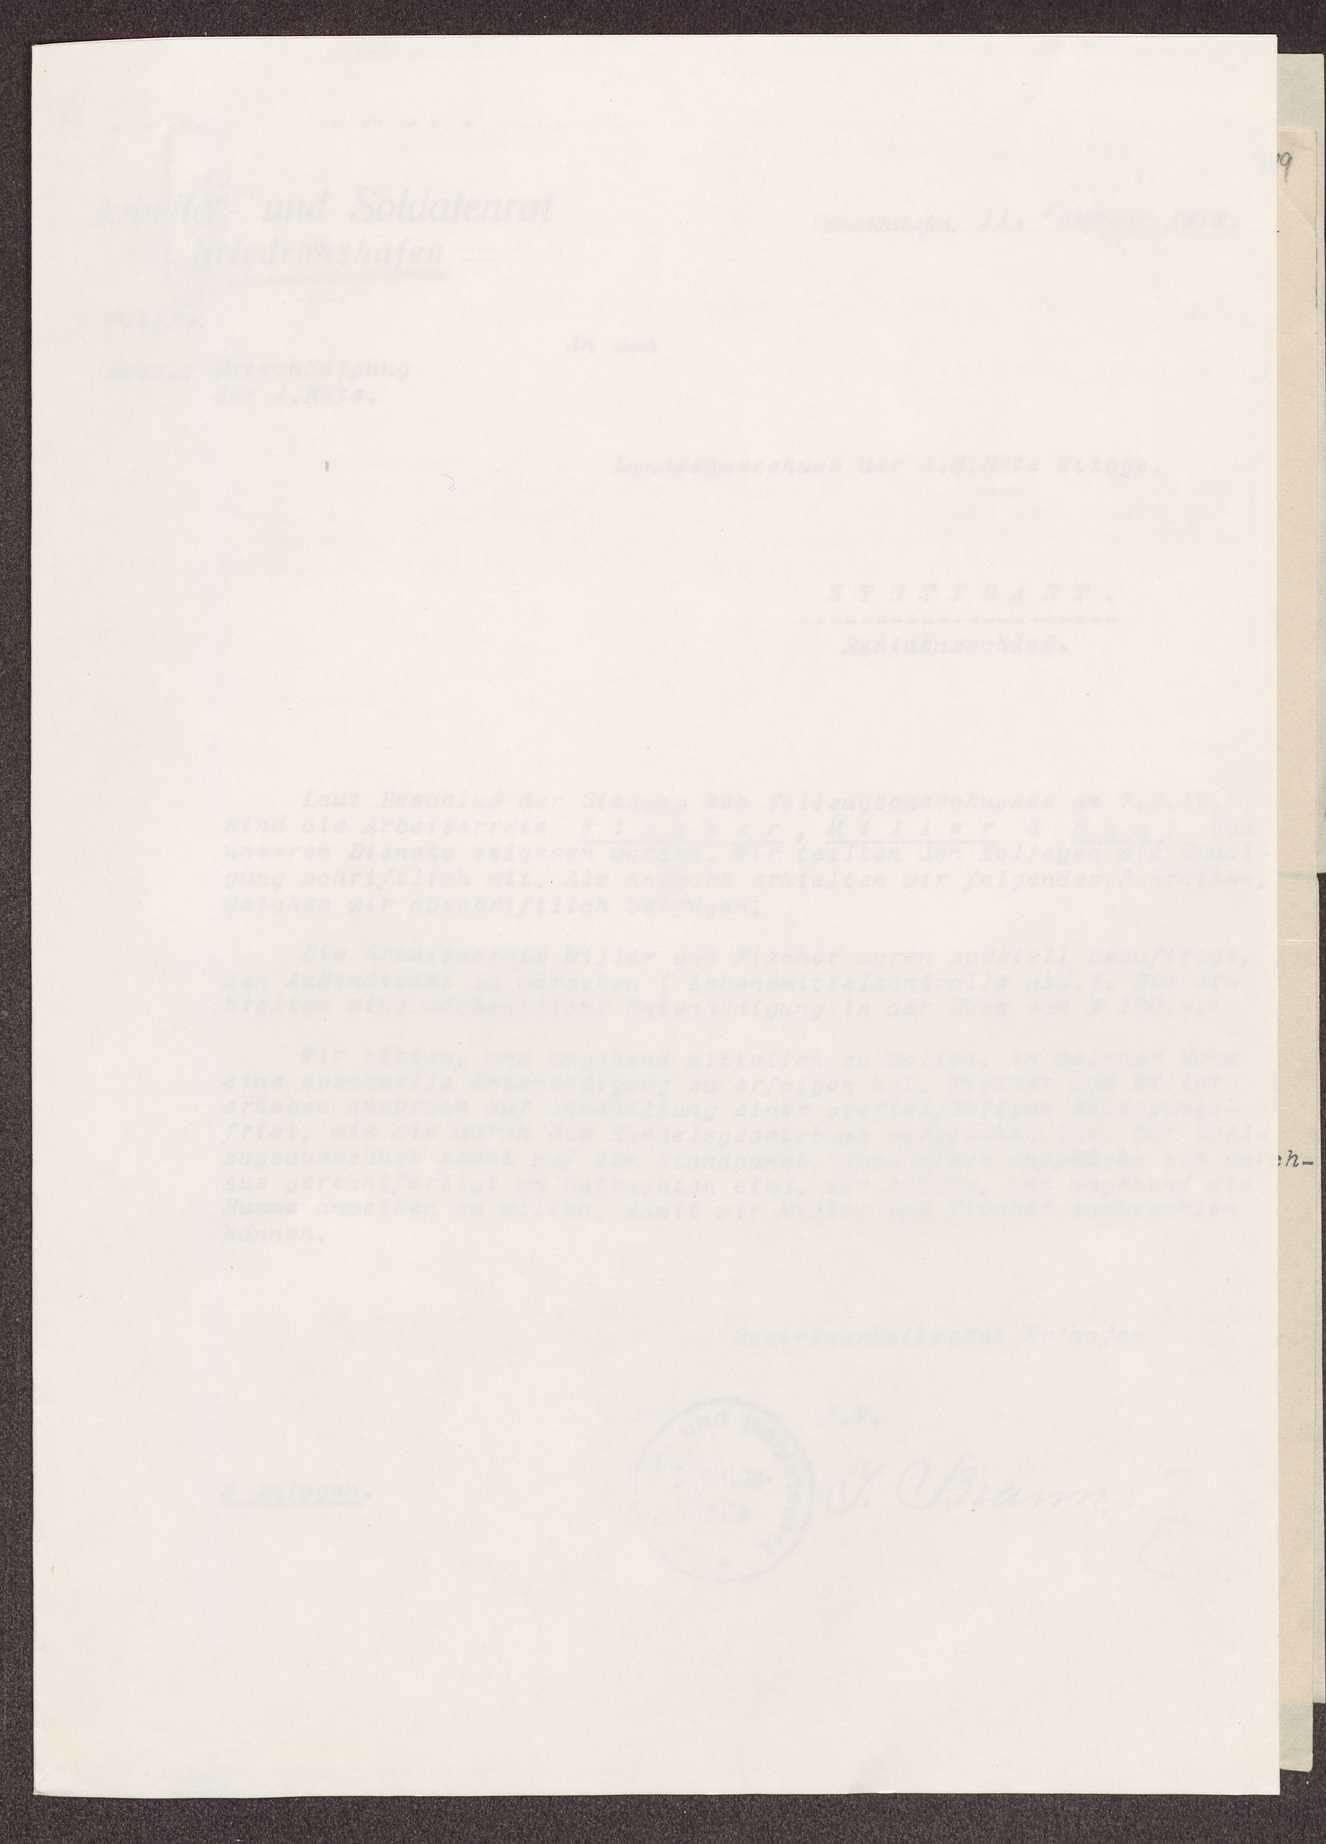 Wahl, Zusammensetzung und Auflösung der Arbeiter- und Bauernräte im Oberamt Tettnang, Bild 3